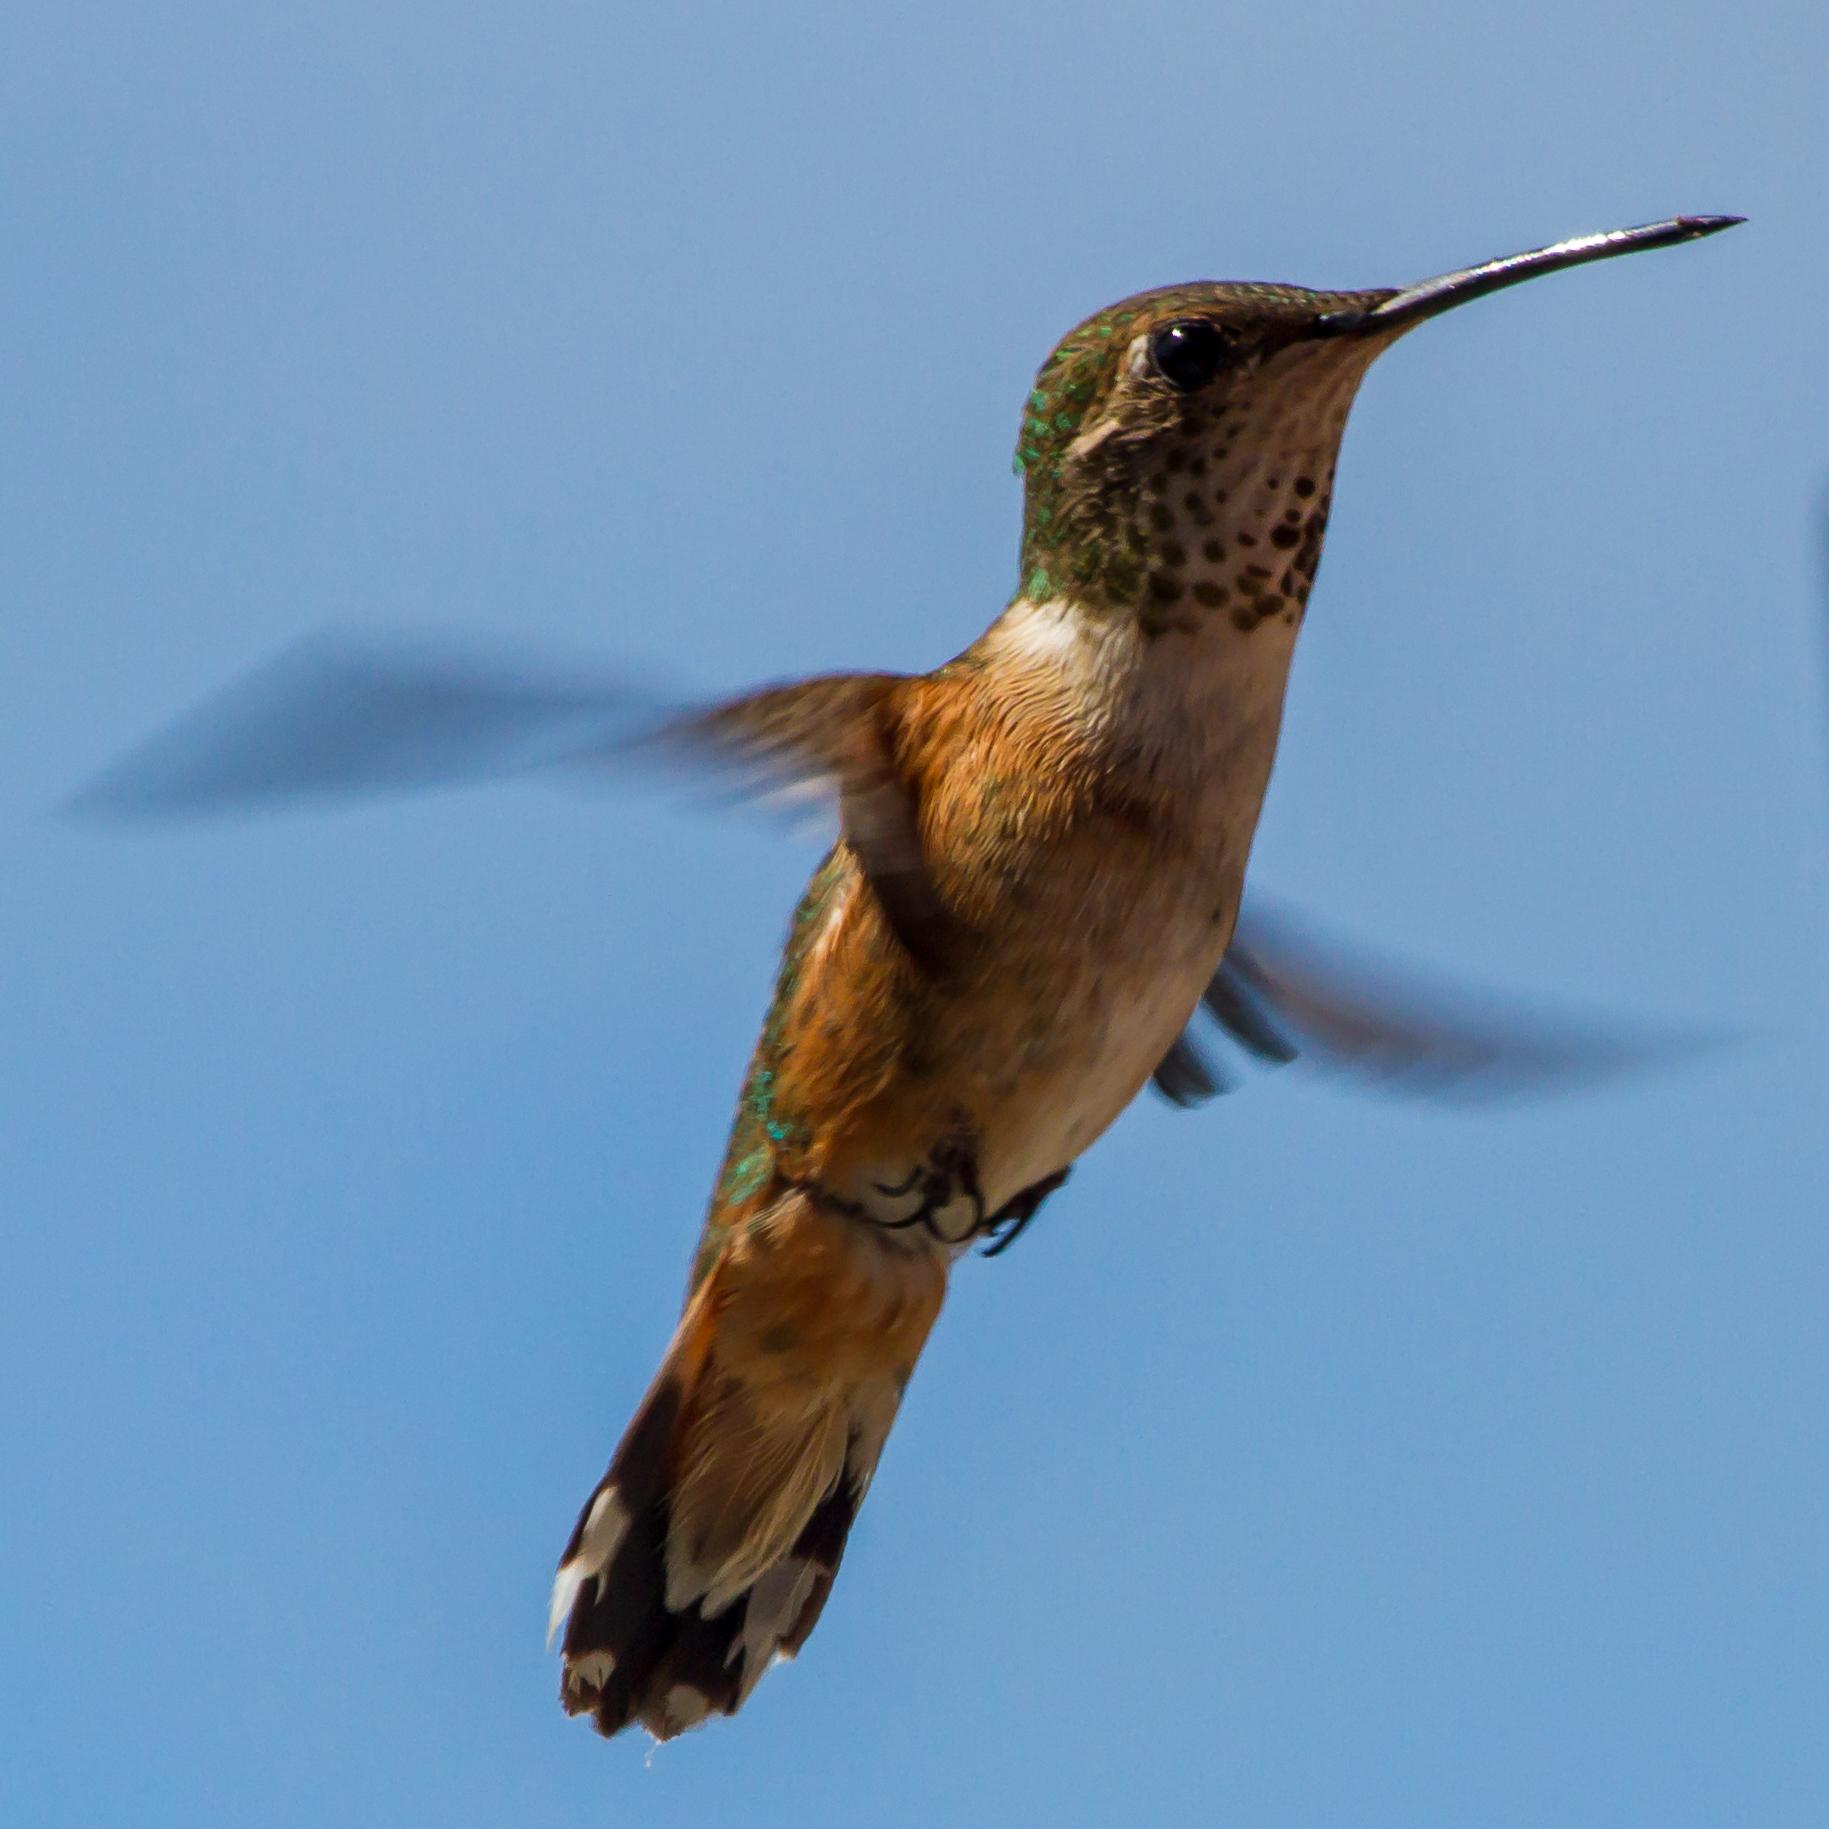 Rufous Hummingbird in the Sun